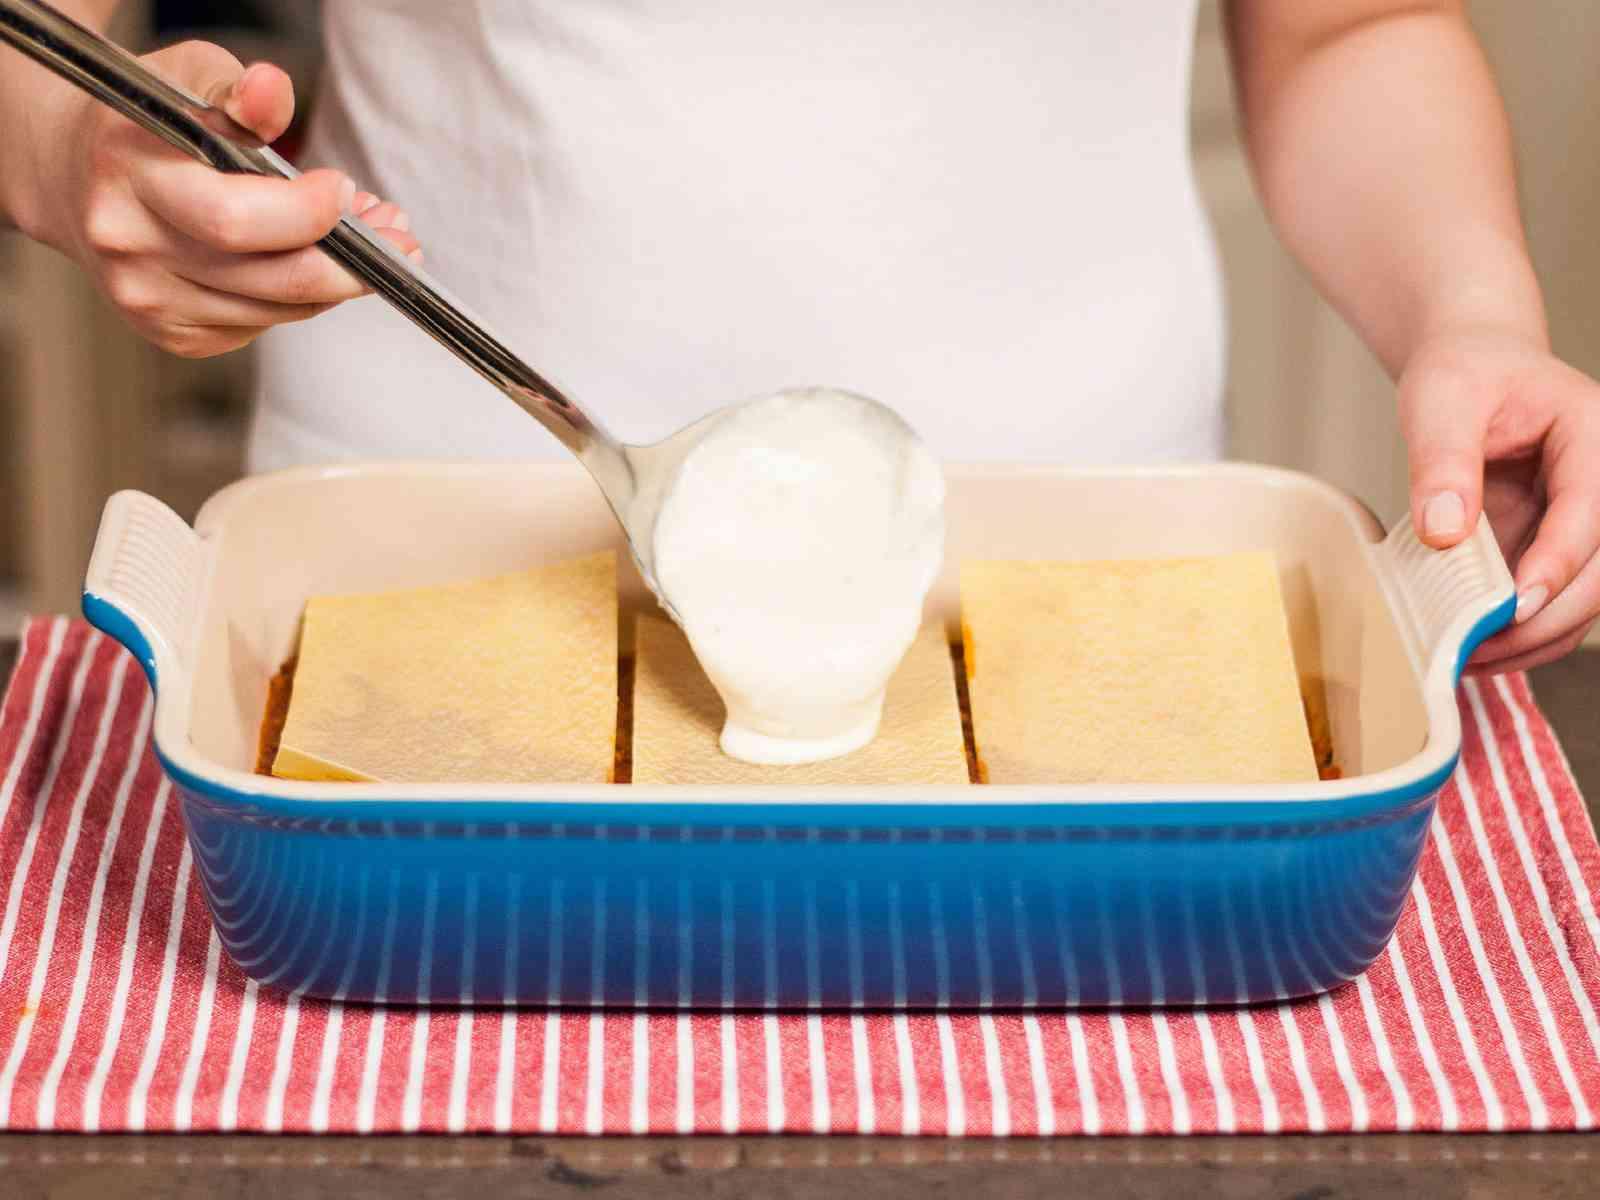 как сделать тесто для лазаньи фото обожает